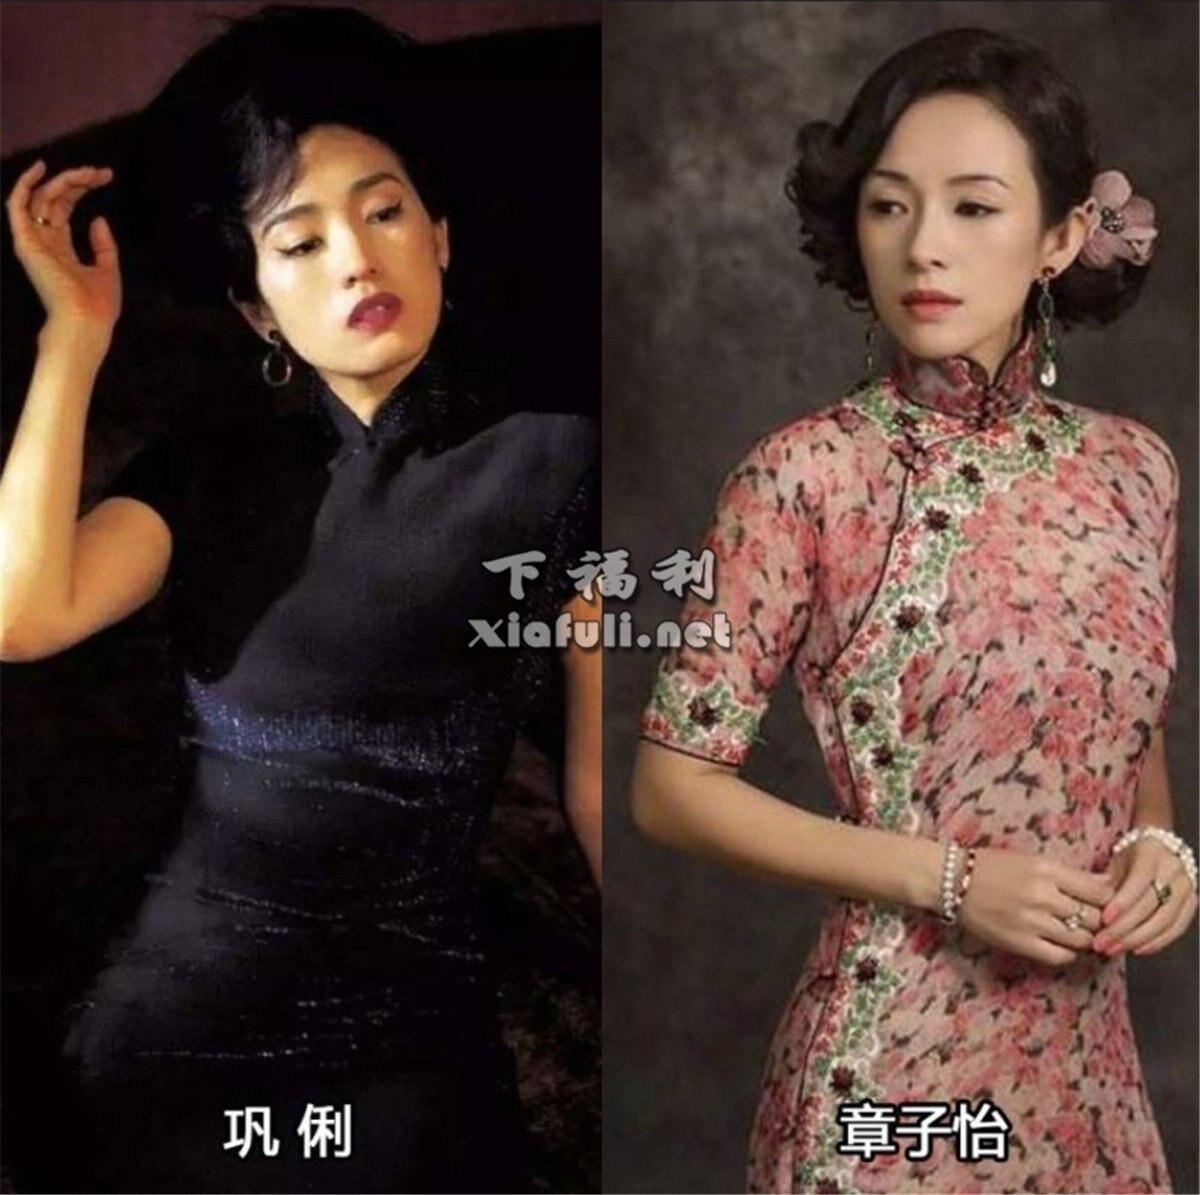 当娱乐圈女星穿上旗袍,你觉得谁最好看 ?插图14